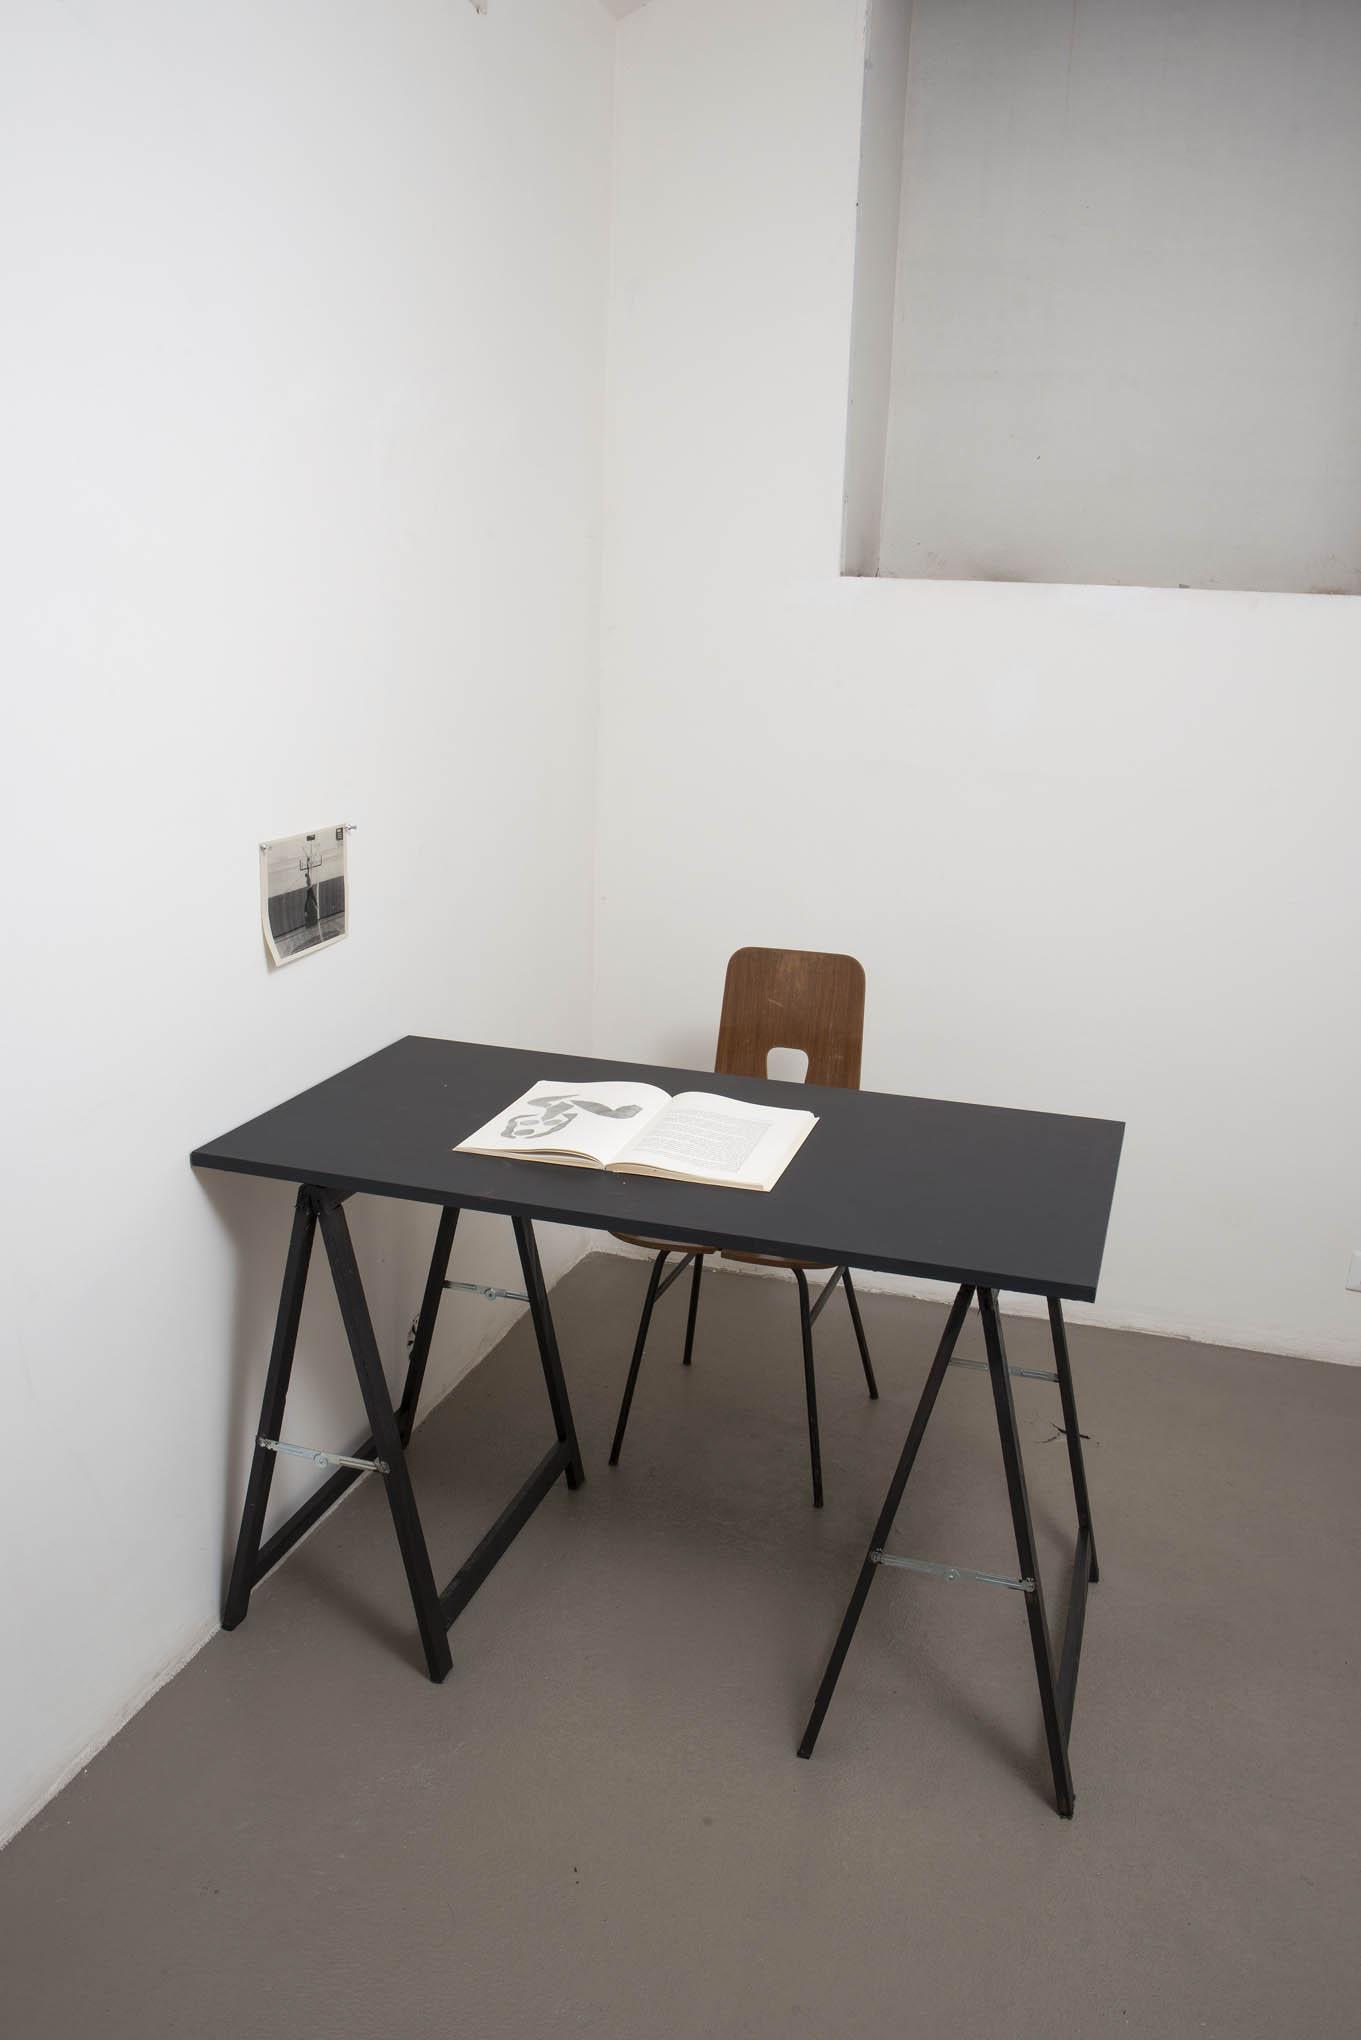 24. Consequences installation view at Fondazione Giuliani, Rome, 2015, photo Giorgio Benni